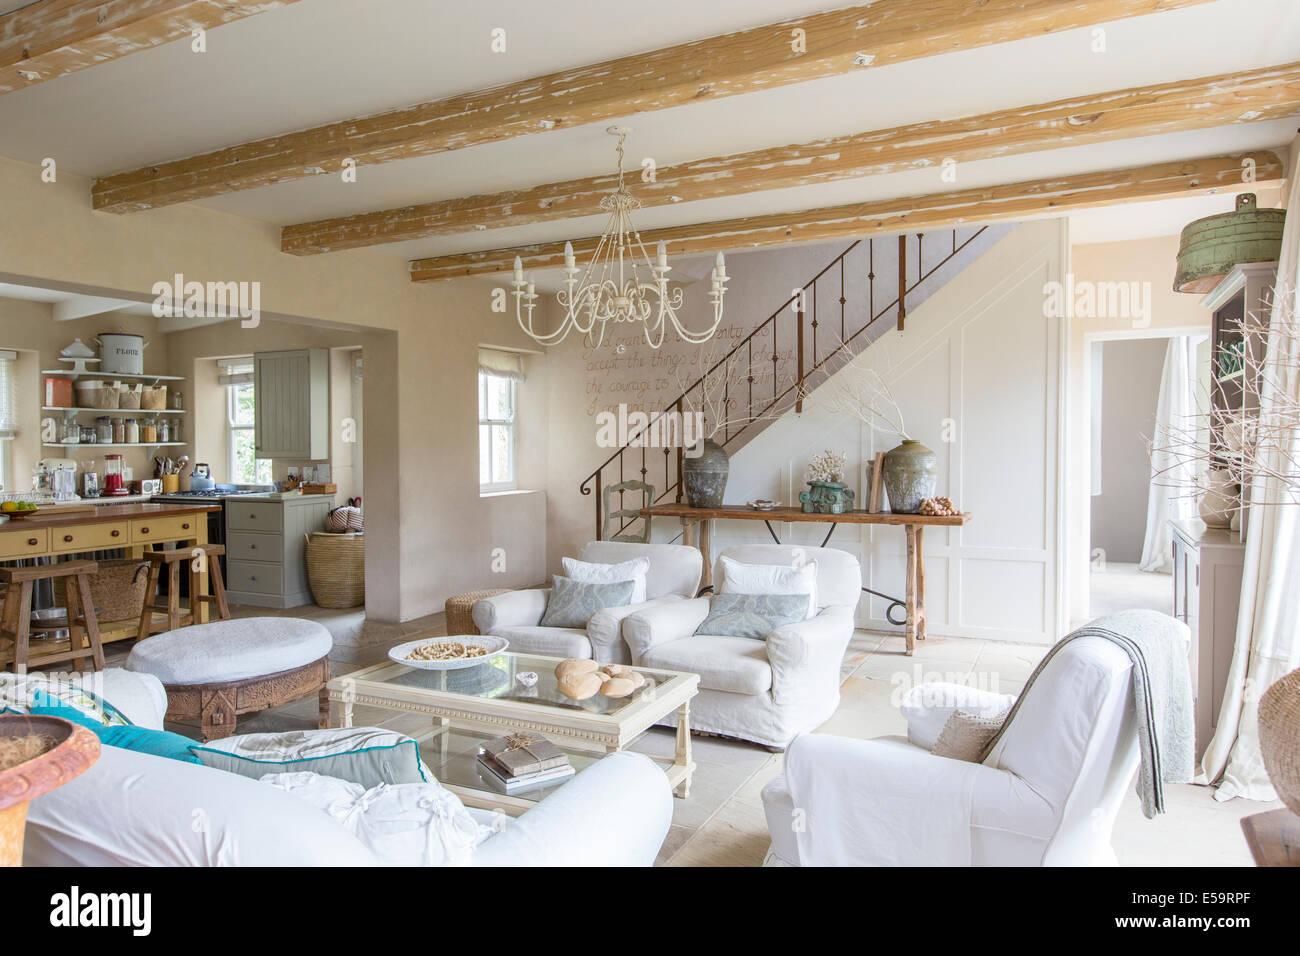 Wohnzimmer des Landhaus Stockbild